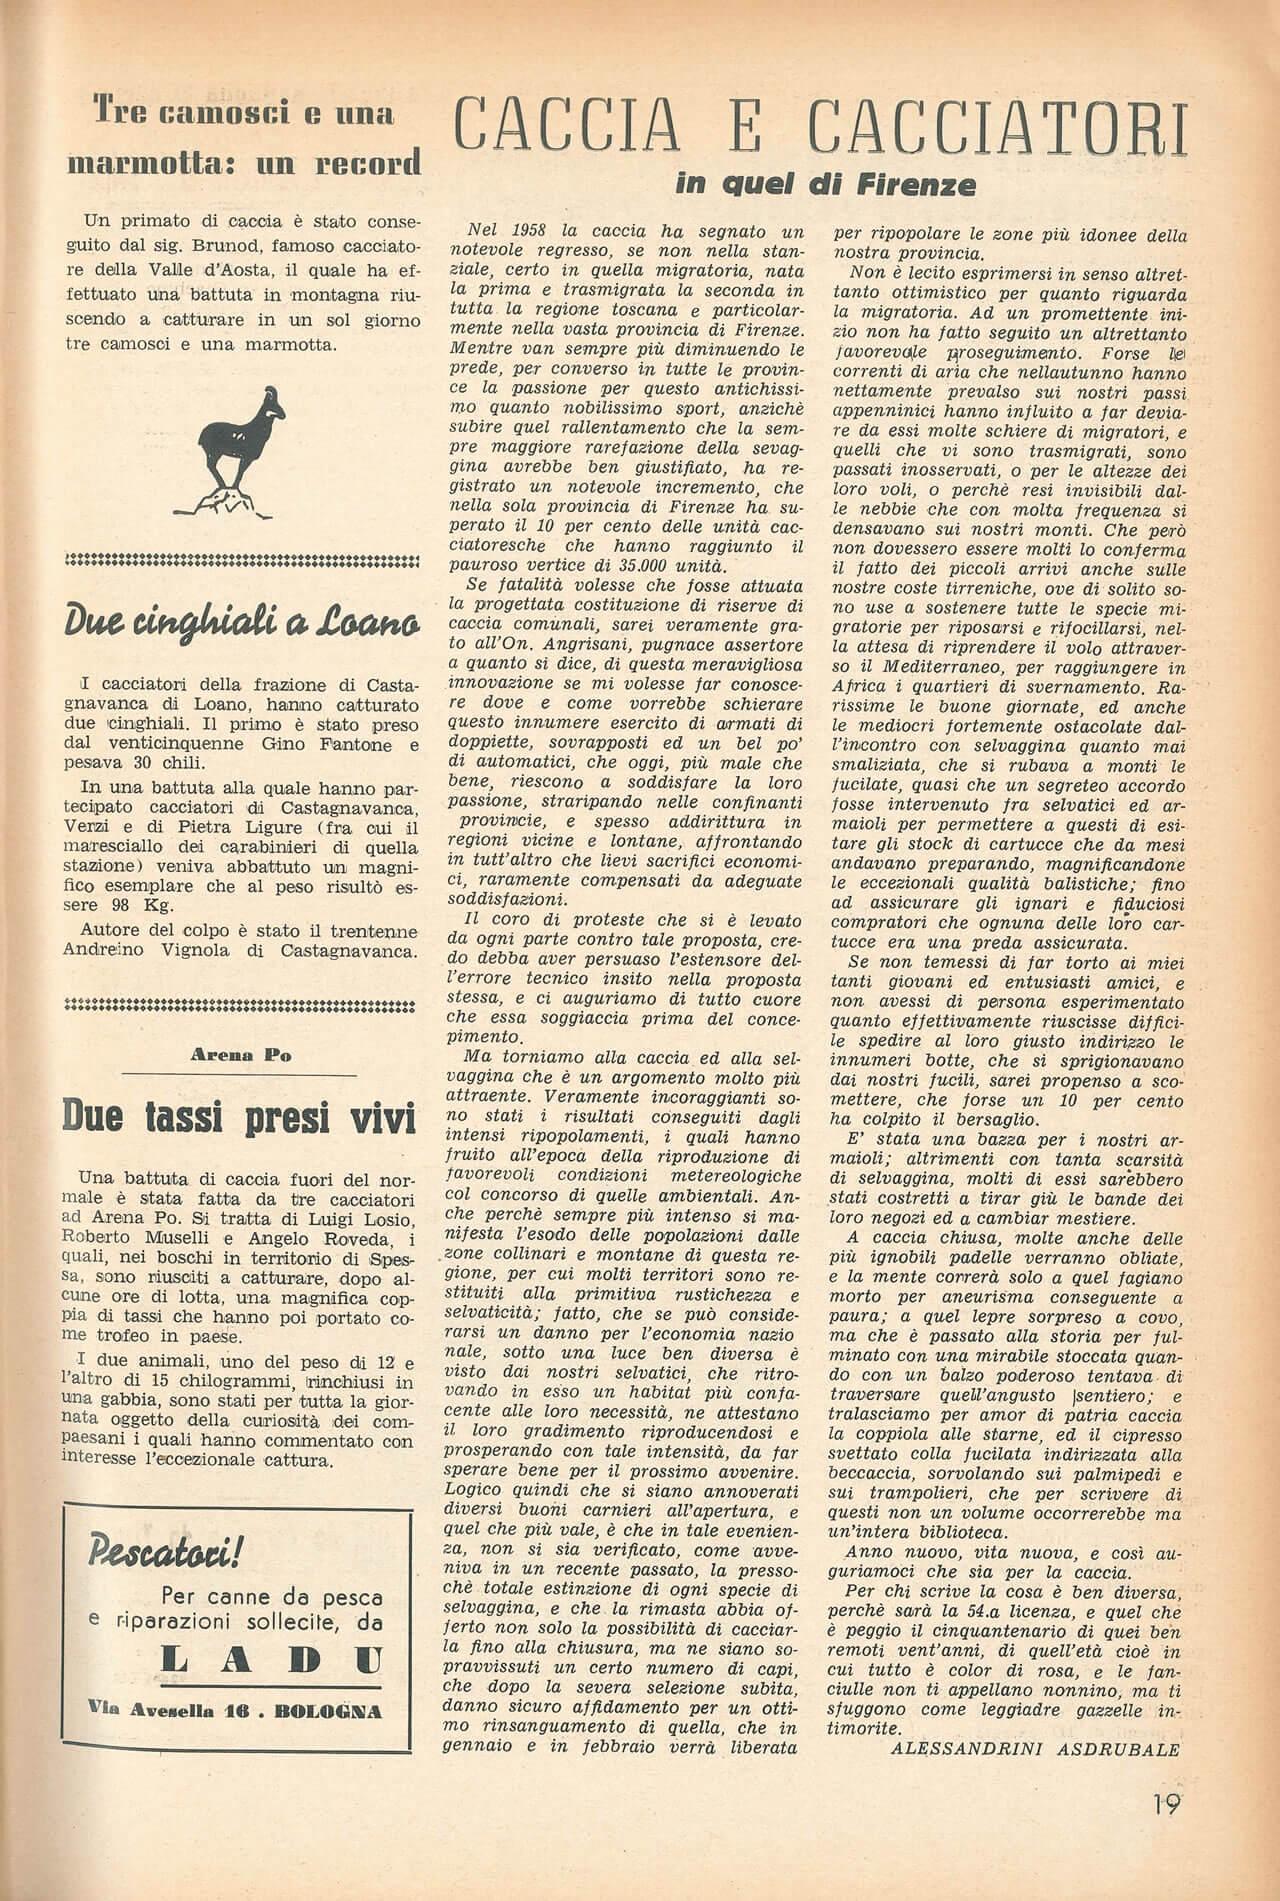 1959 Notiziario di Caccia Pesca numero 620 Caccia e Cacciatori